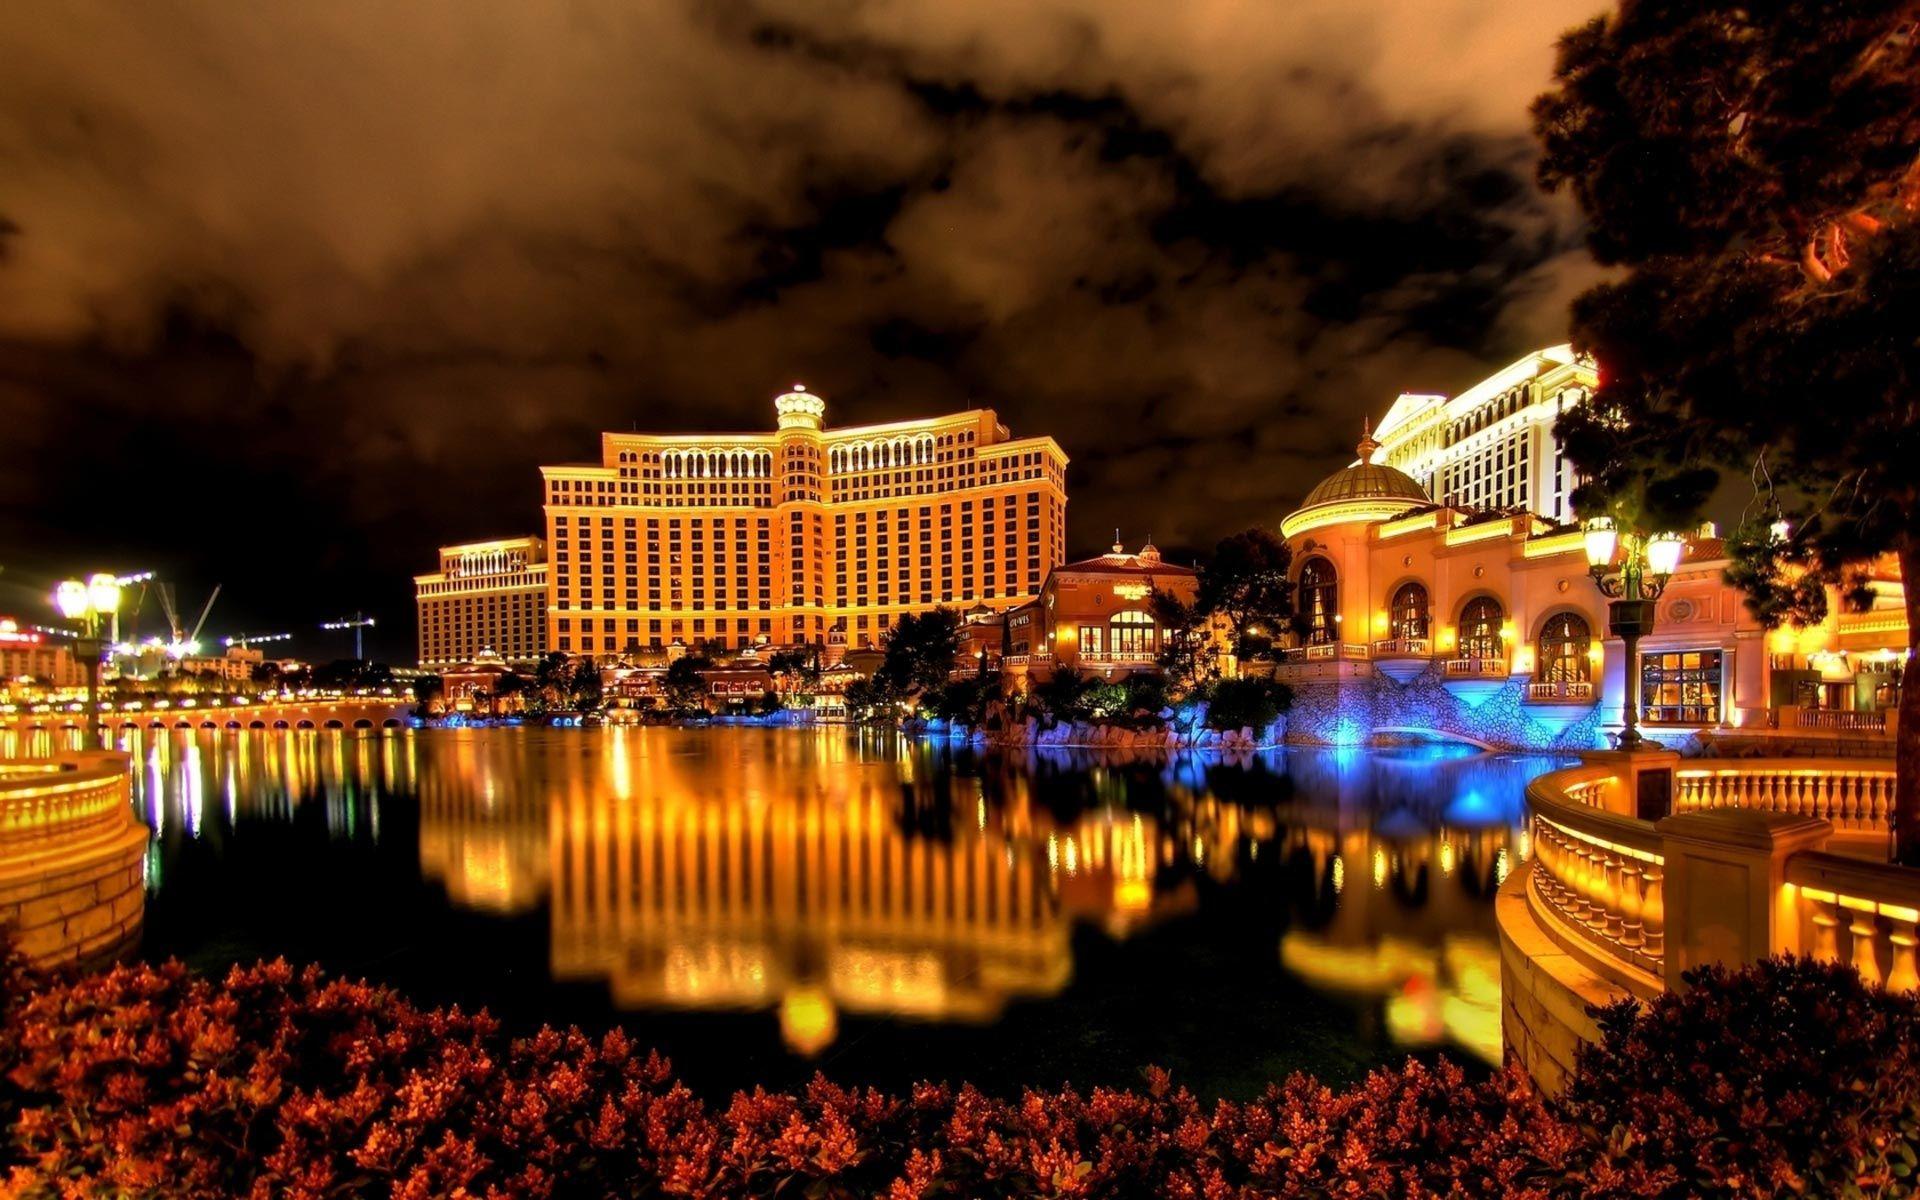 Las Vegas Hd Wallpaper Hoteles En Las Vegas Lugares Increibles